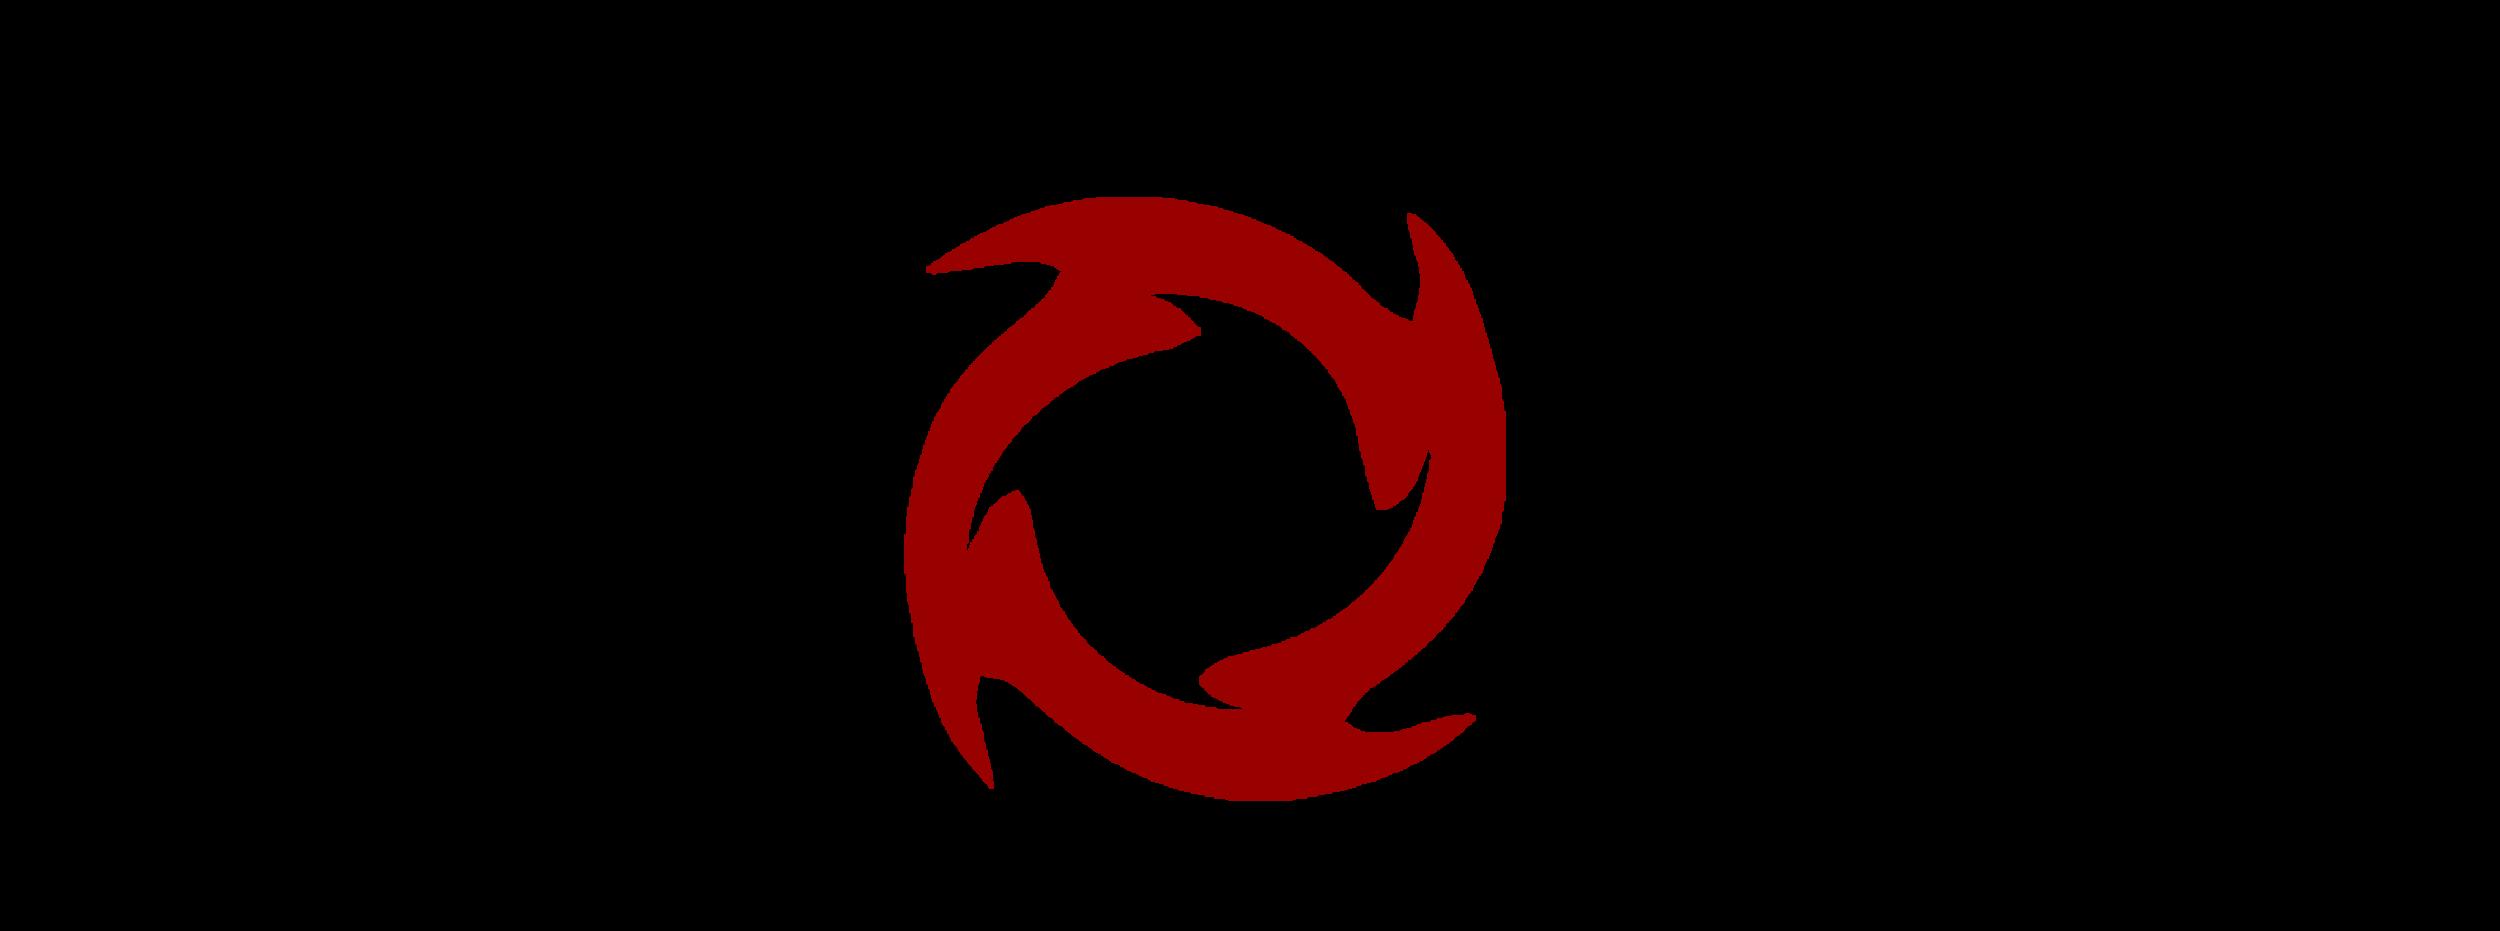 Myostorm_Red_2765x.png